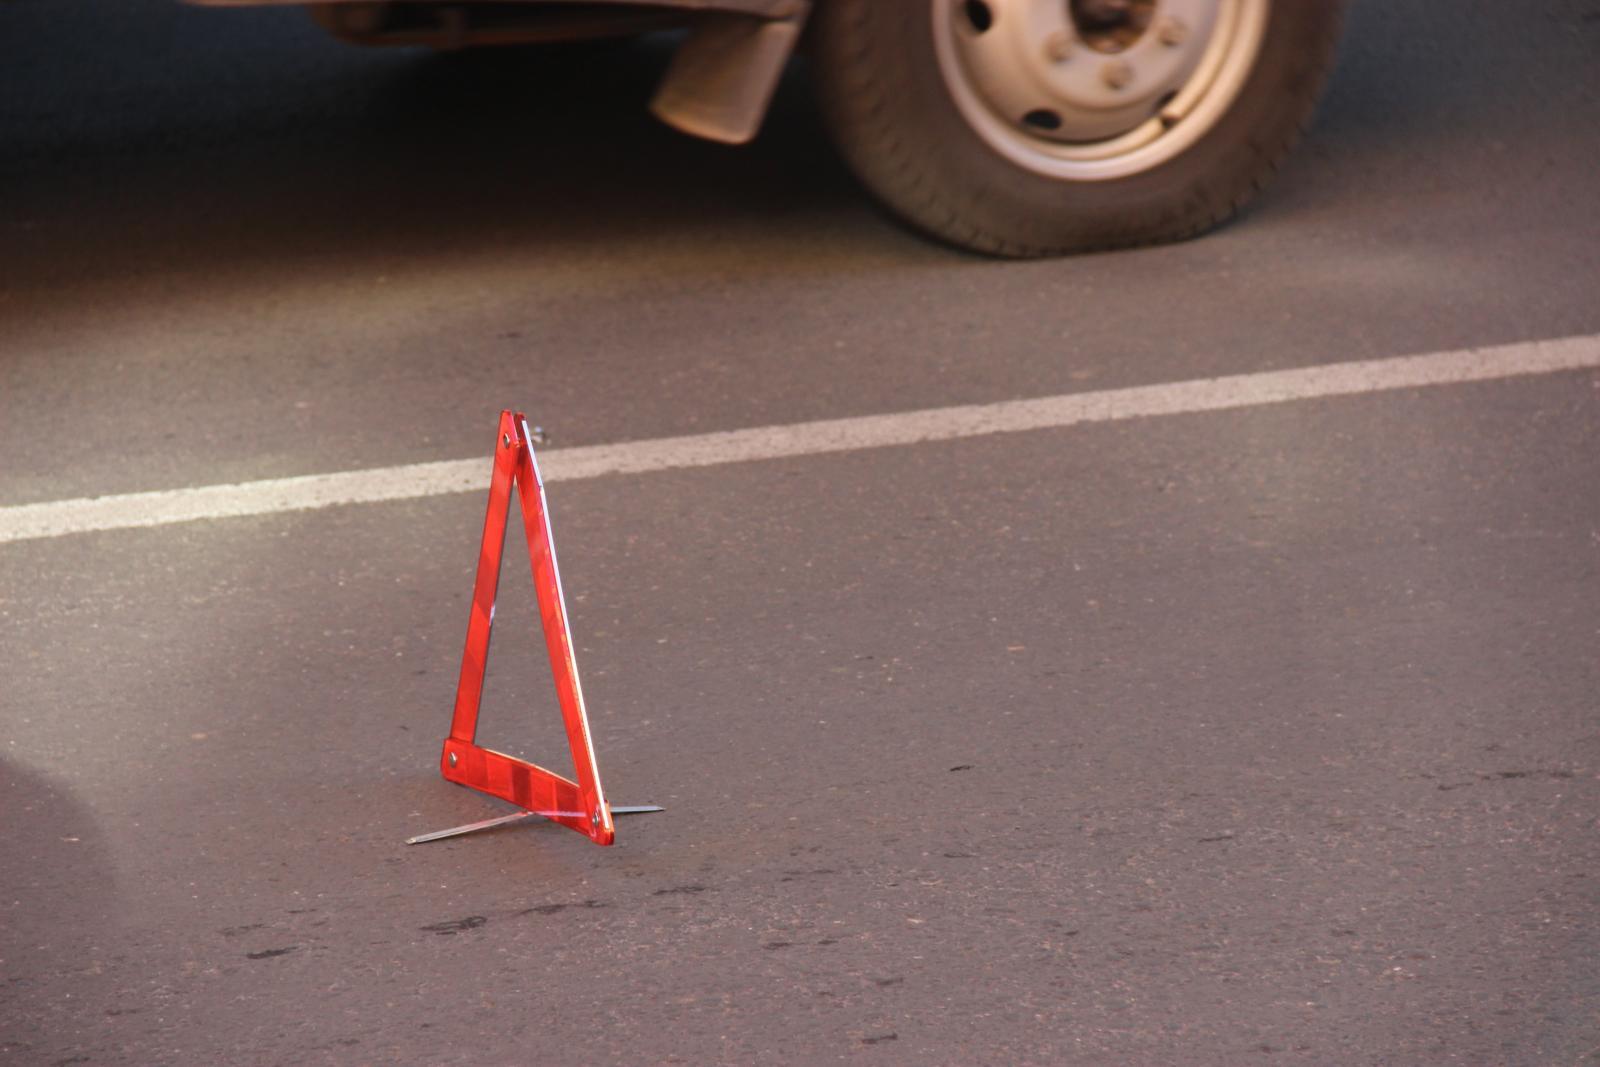 В Жирятино 17-летний лихач без прав сбил женщину на тротуаре